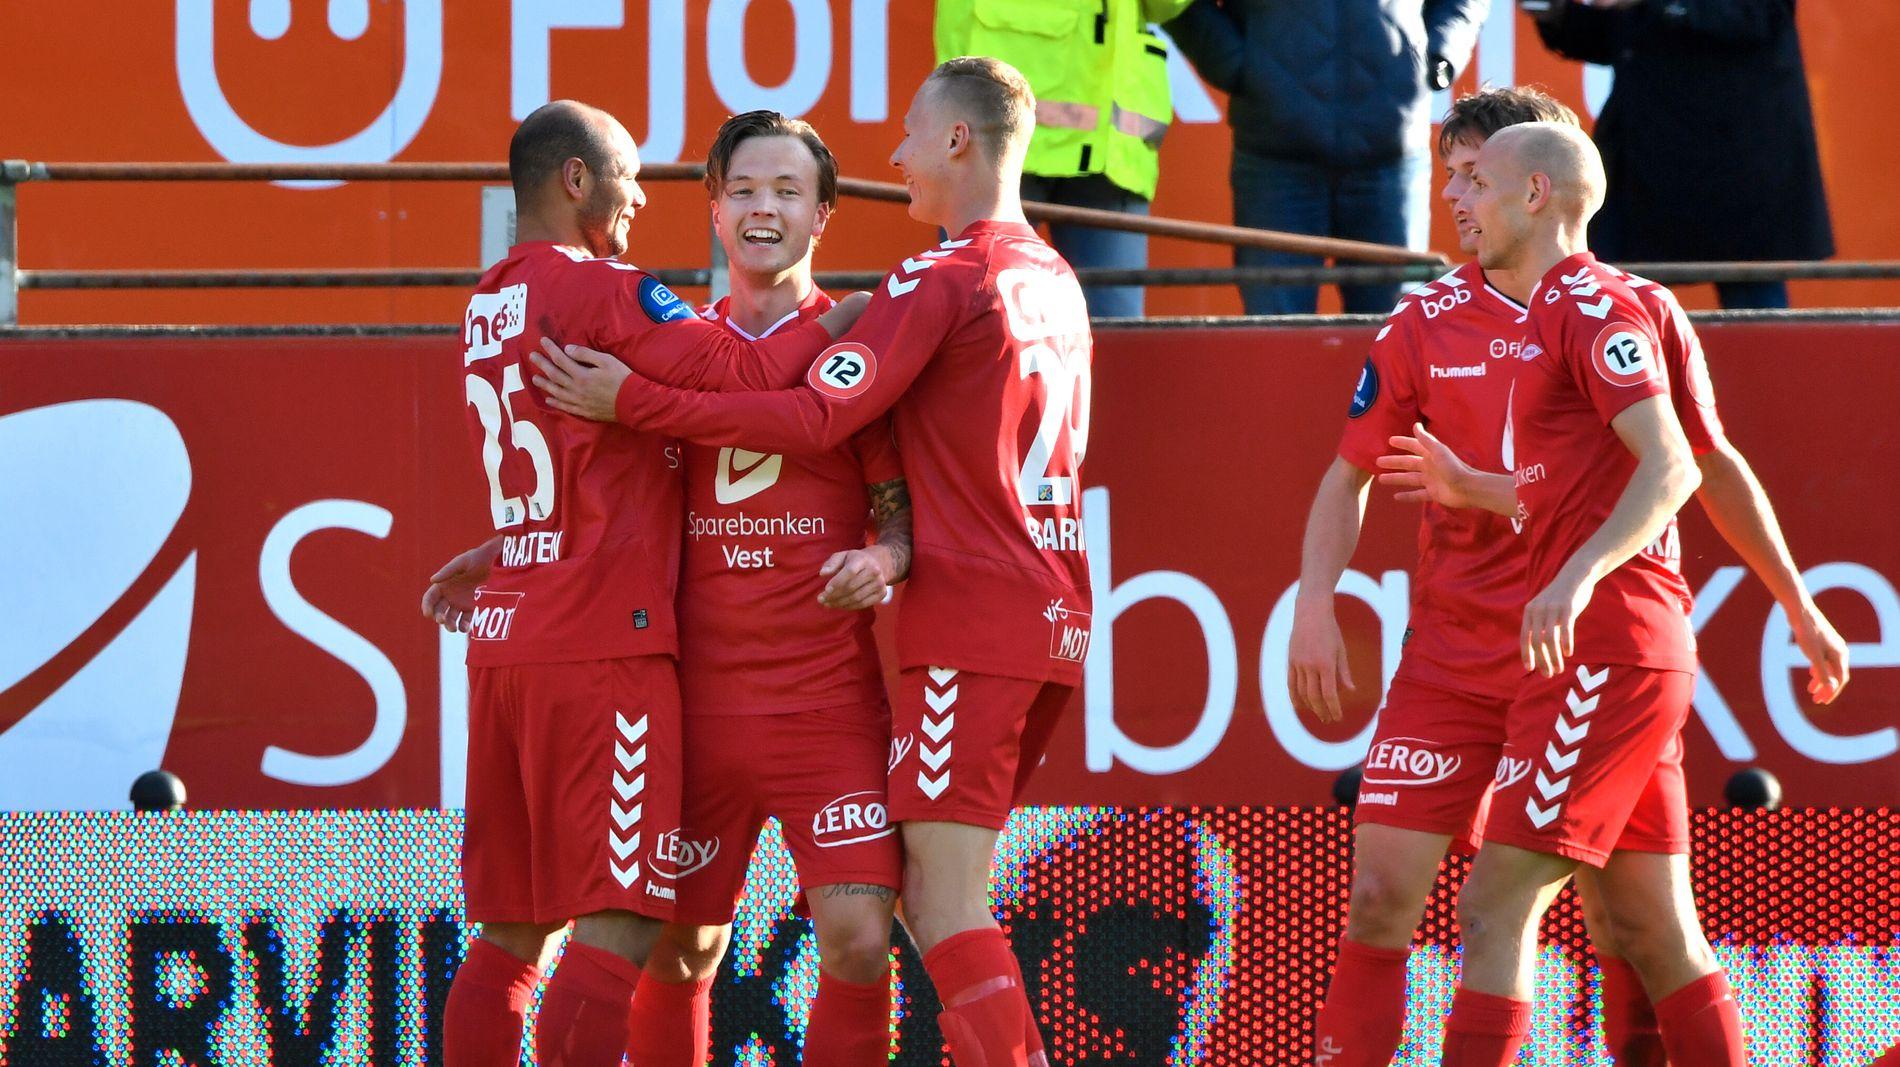 HJEMMESTERKE: Brann jubel etter andre 2-0-seieren over Sogndal tildigere i år. Til venstre gratuleres målscorer Fredrik Haugen av Daniel Braaten og Kristoffer Barmen.